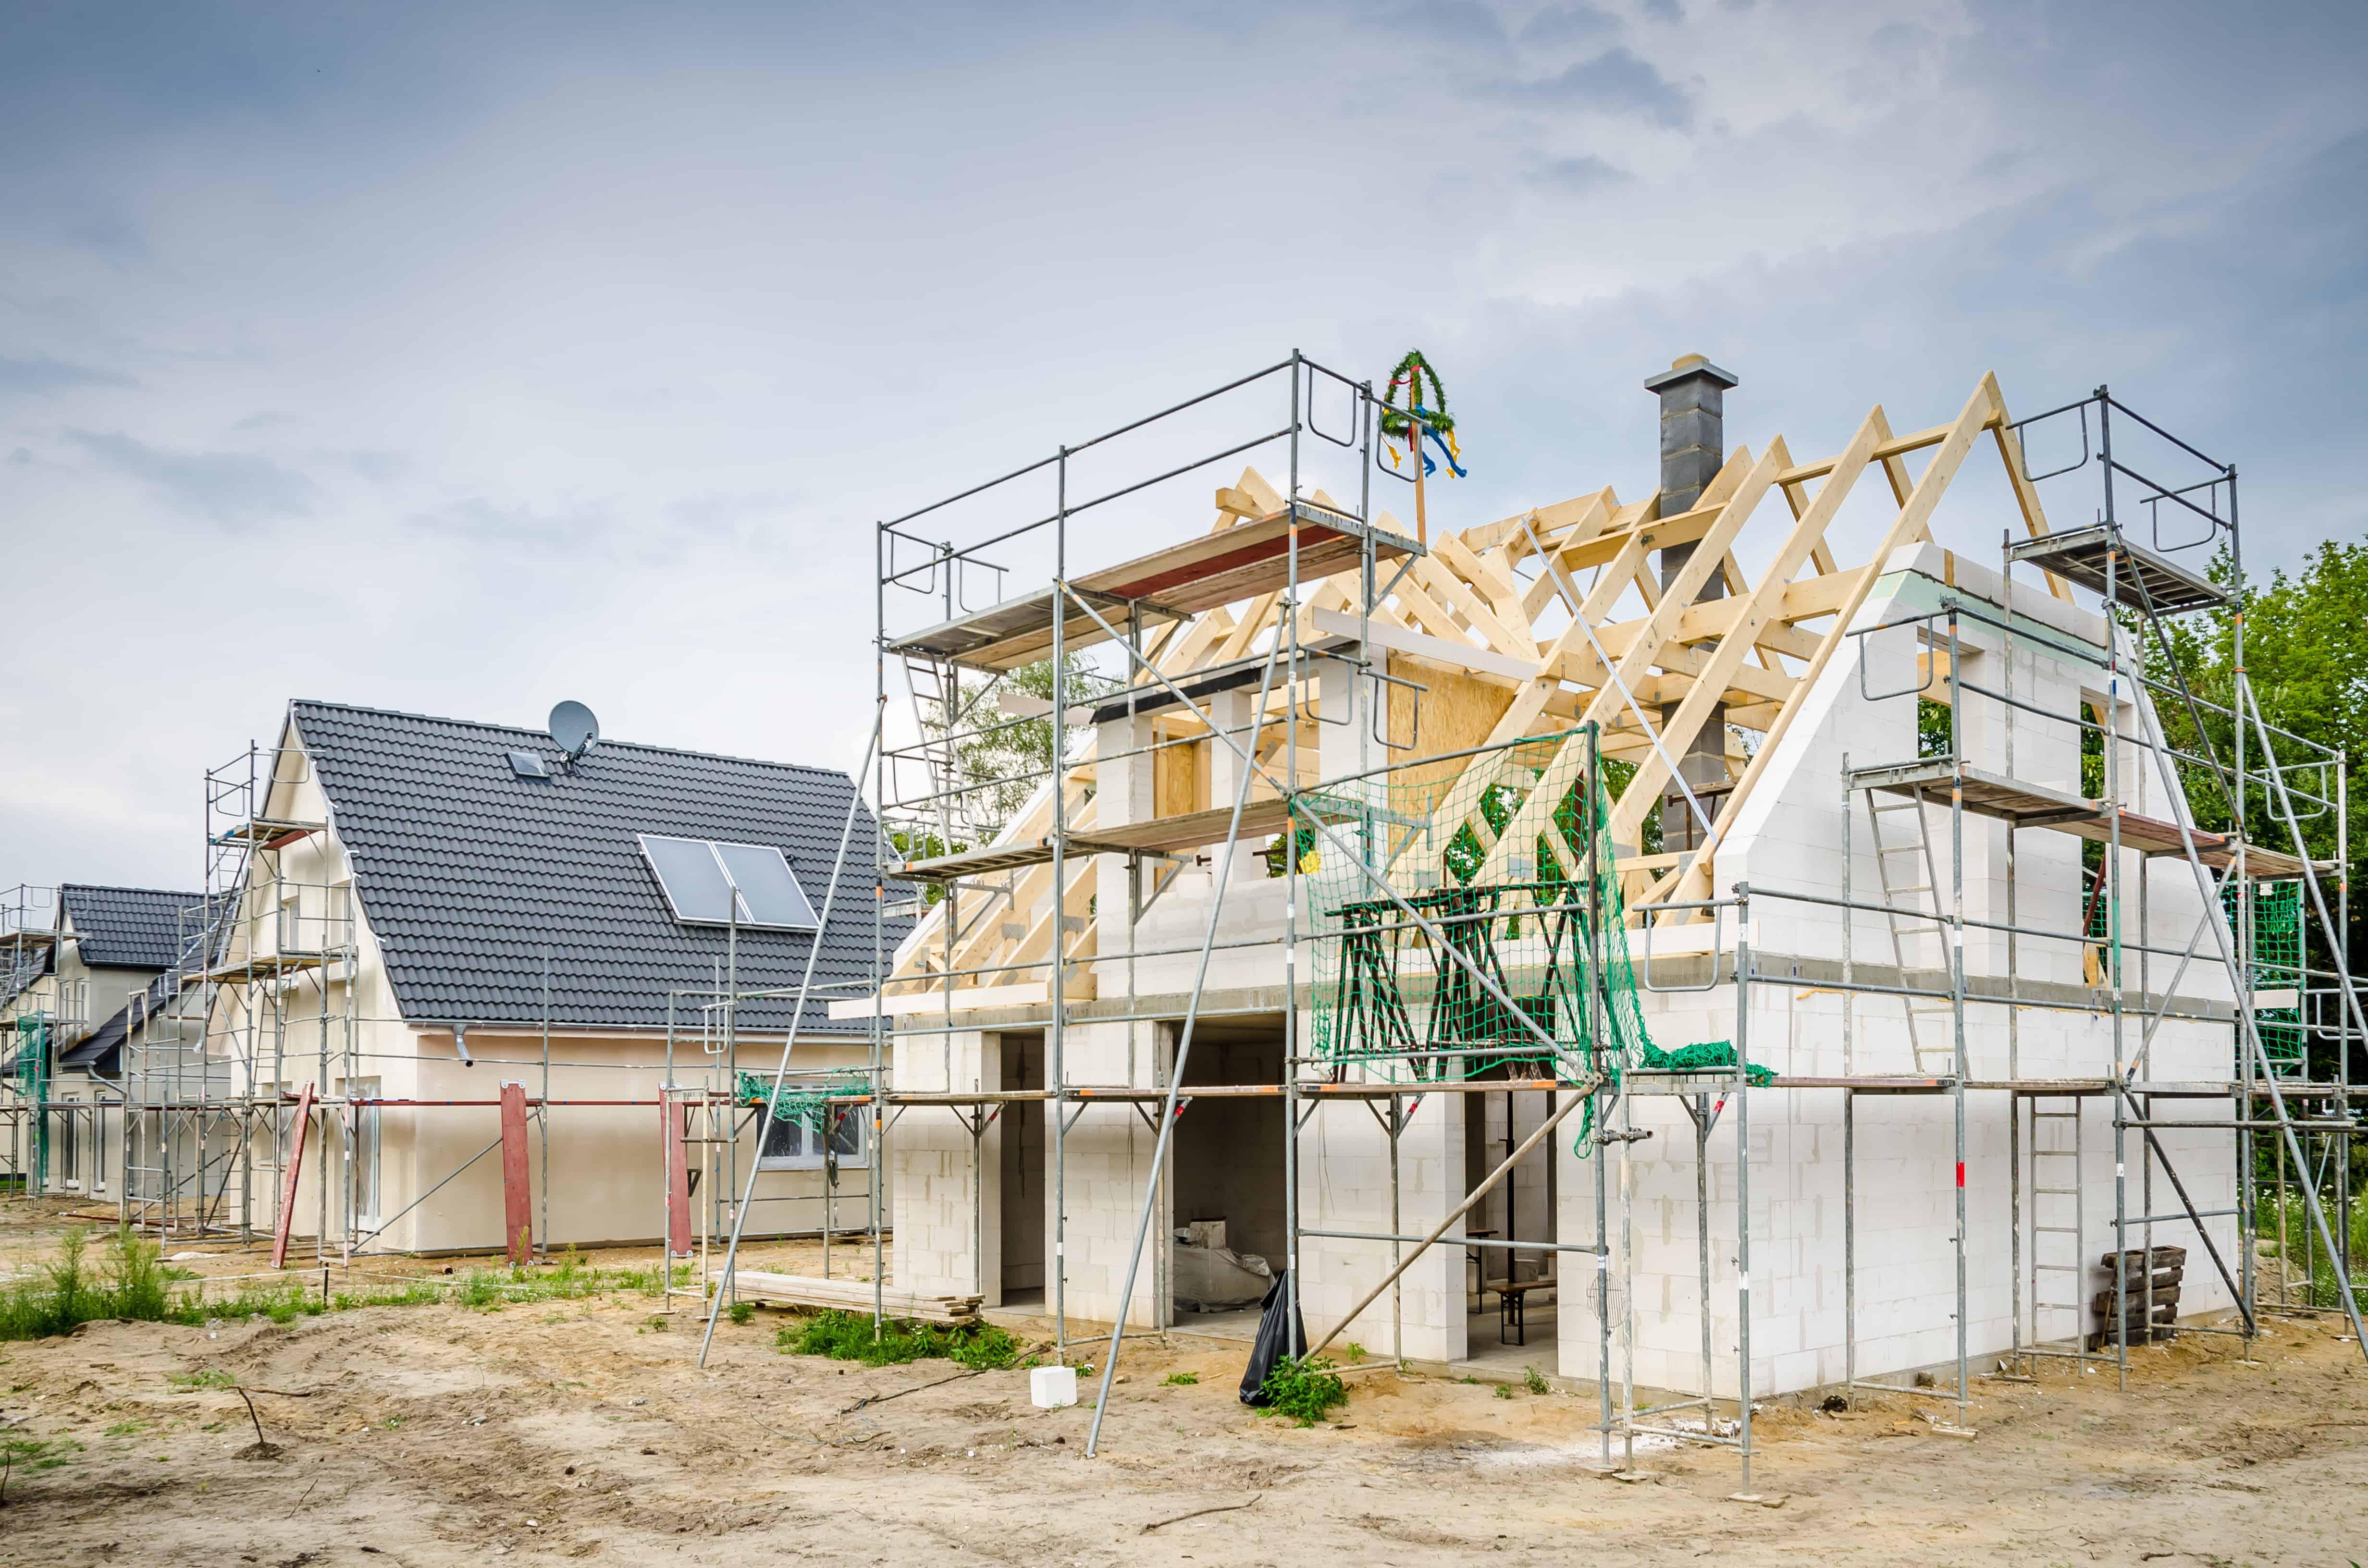 Handwerk in Ostbayern: Gesamt gute Auslastung & Plus bei Bauaufträgen